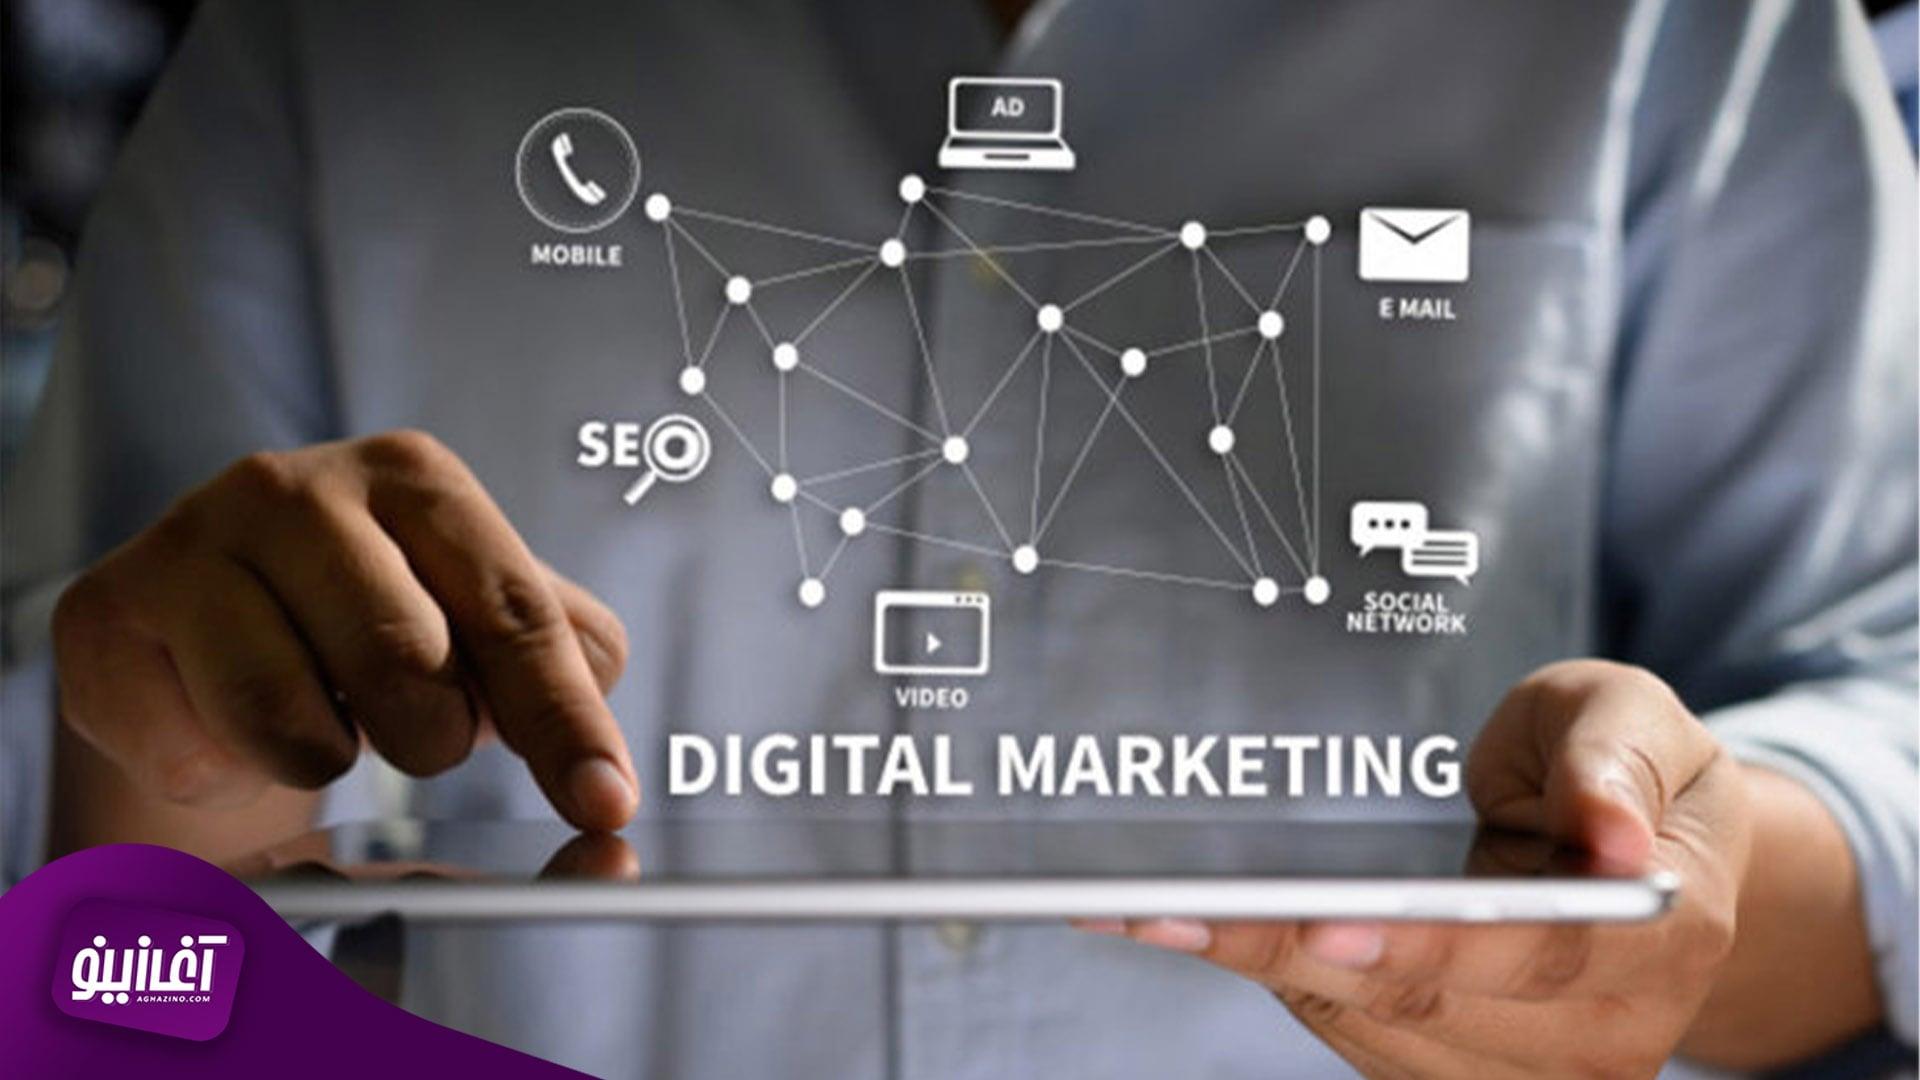 بازاریابی دیجیتال، رو به رشد به سرعت نور